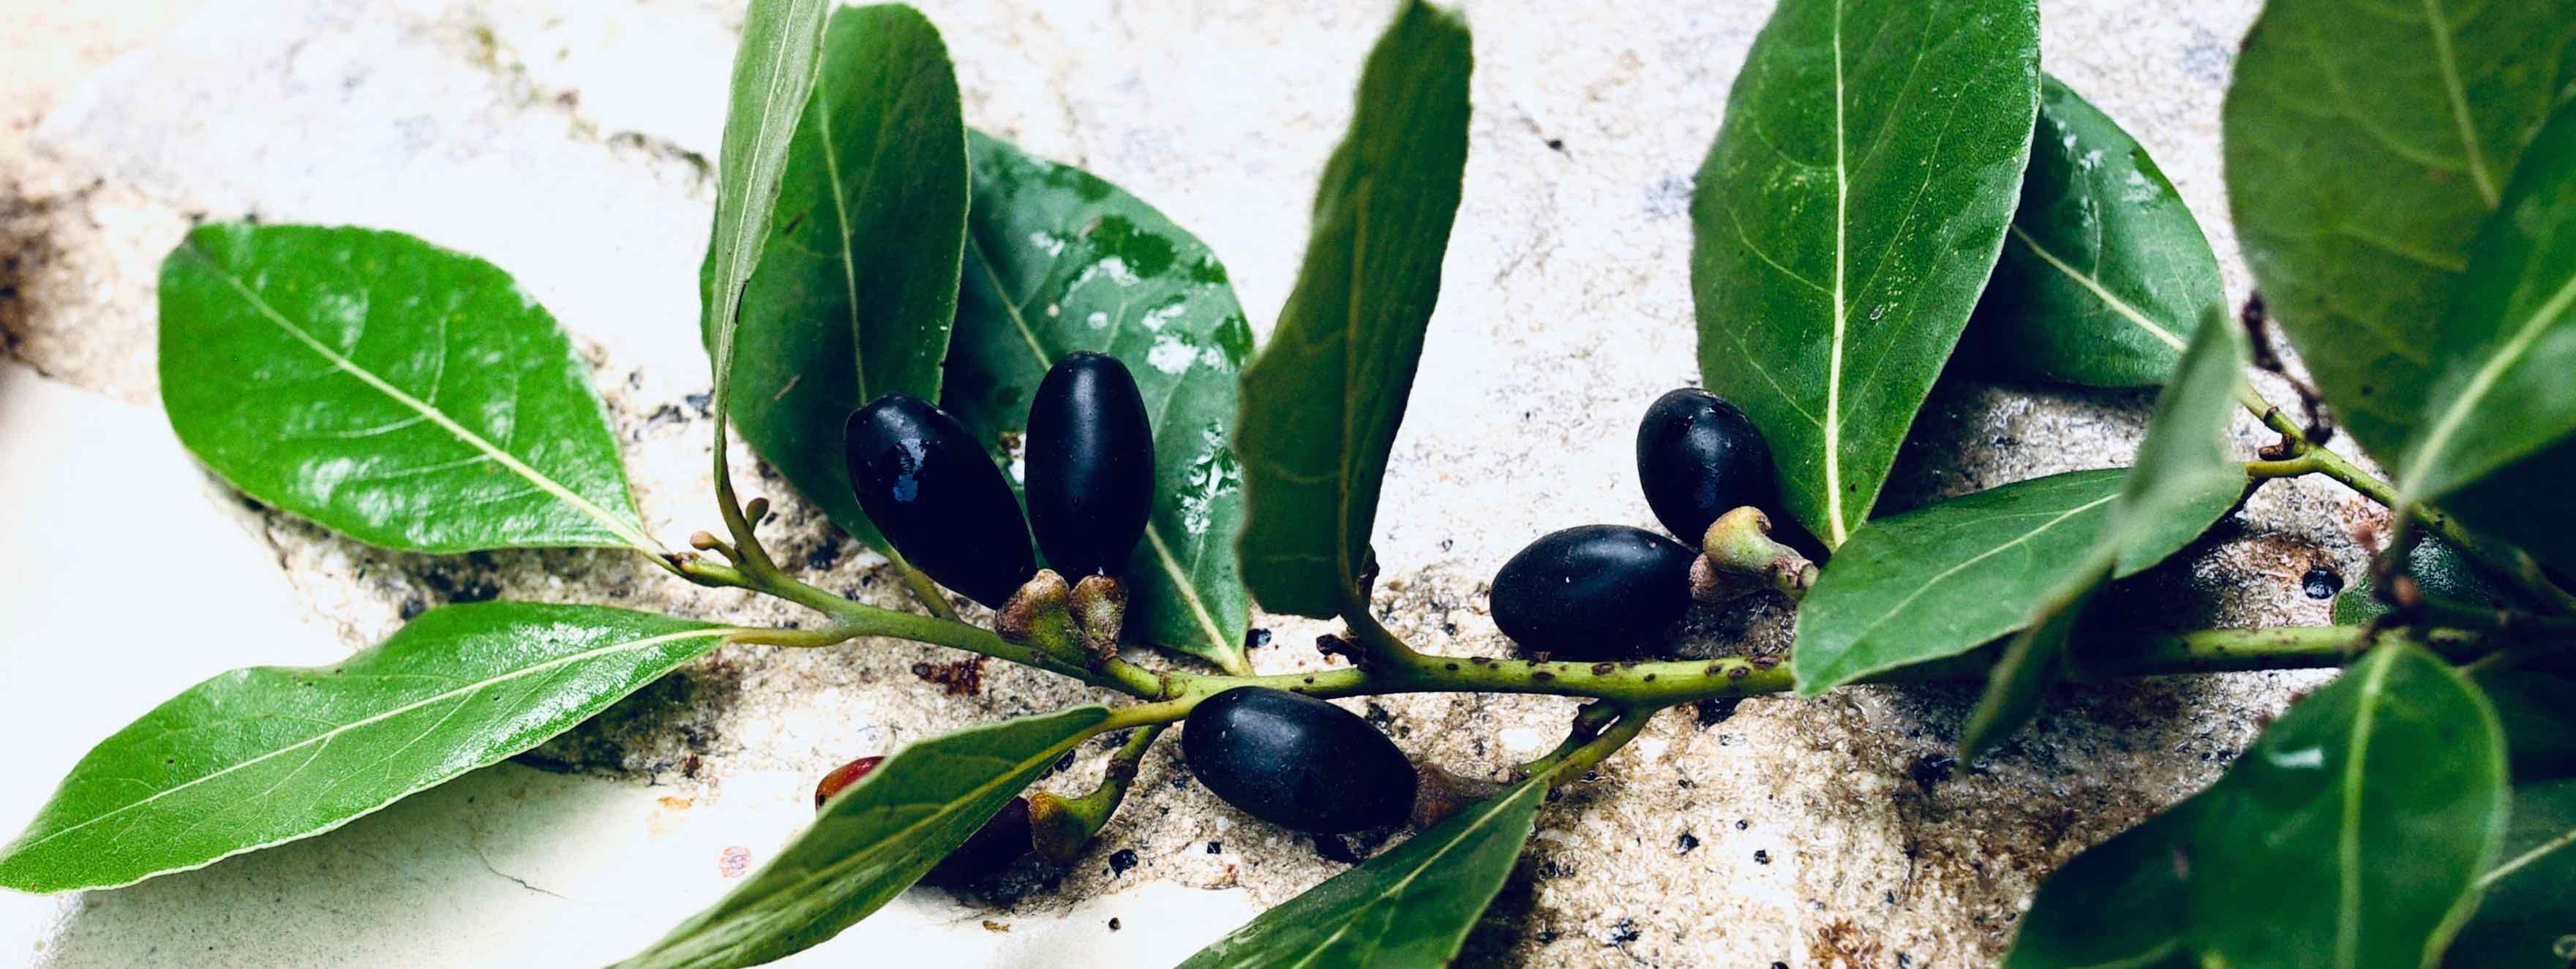 Laurus nobilis - Vavřín vznešený